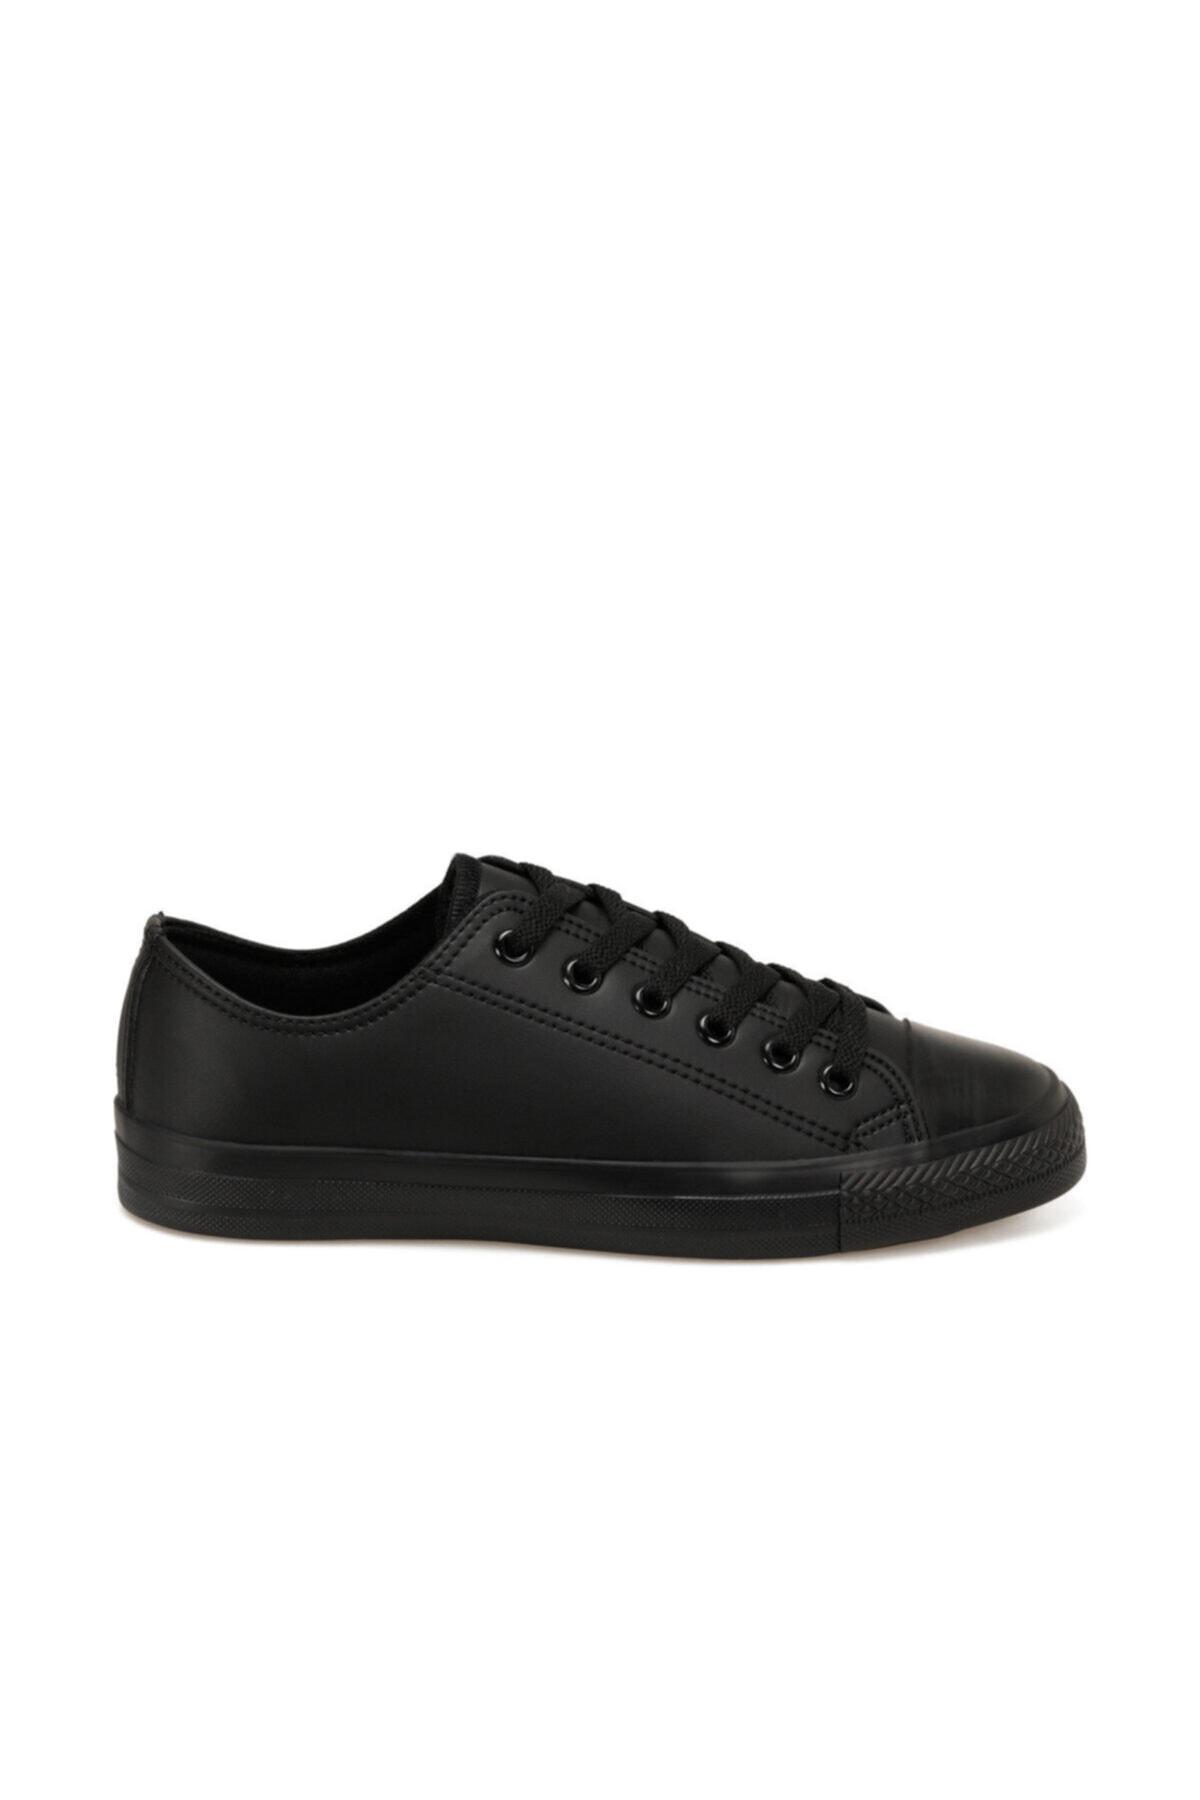 FORESTER EC-2001 Siyah Erkek Kalın Tabanlı Sneaker 100668679 2